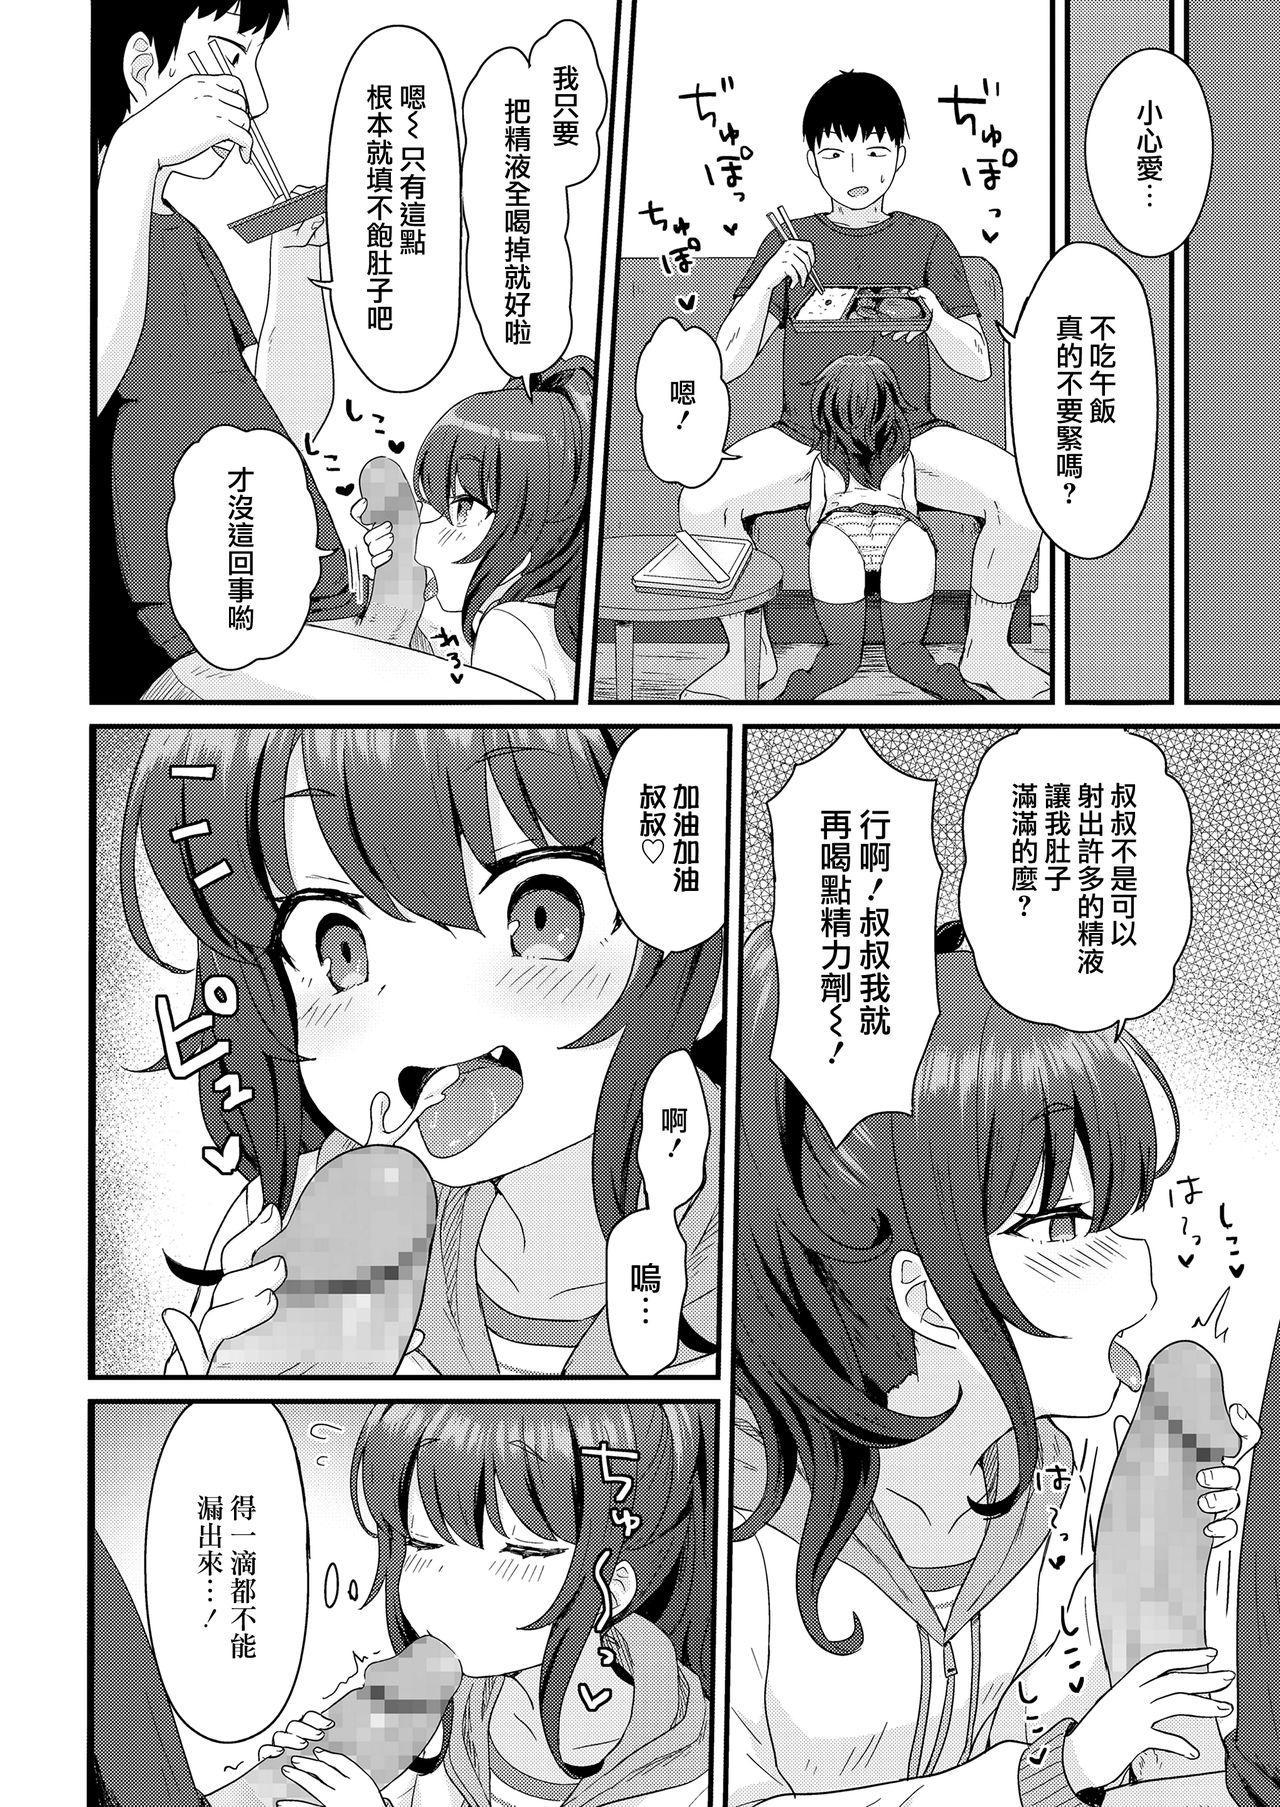 Kokoa-chan no Otetsudai 7